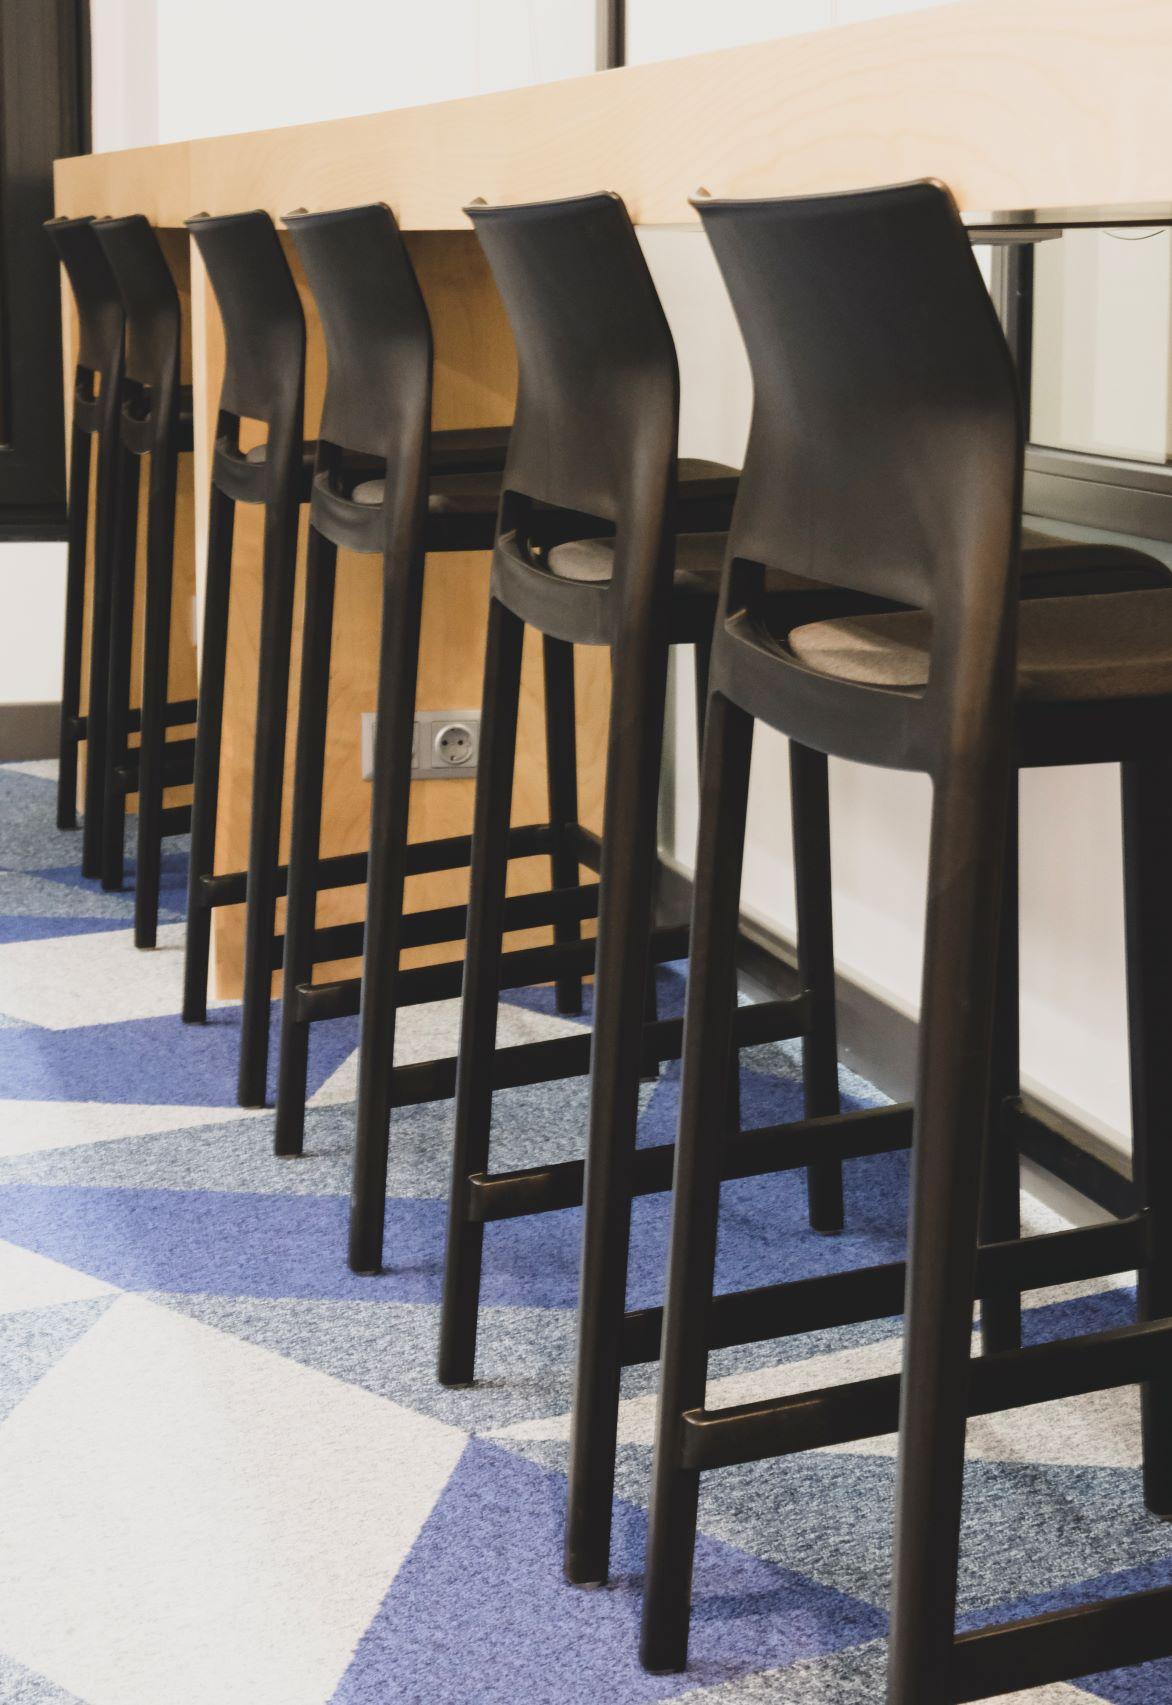 Augstie krēsli no īpaši viegli kopjama materiāla